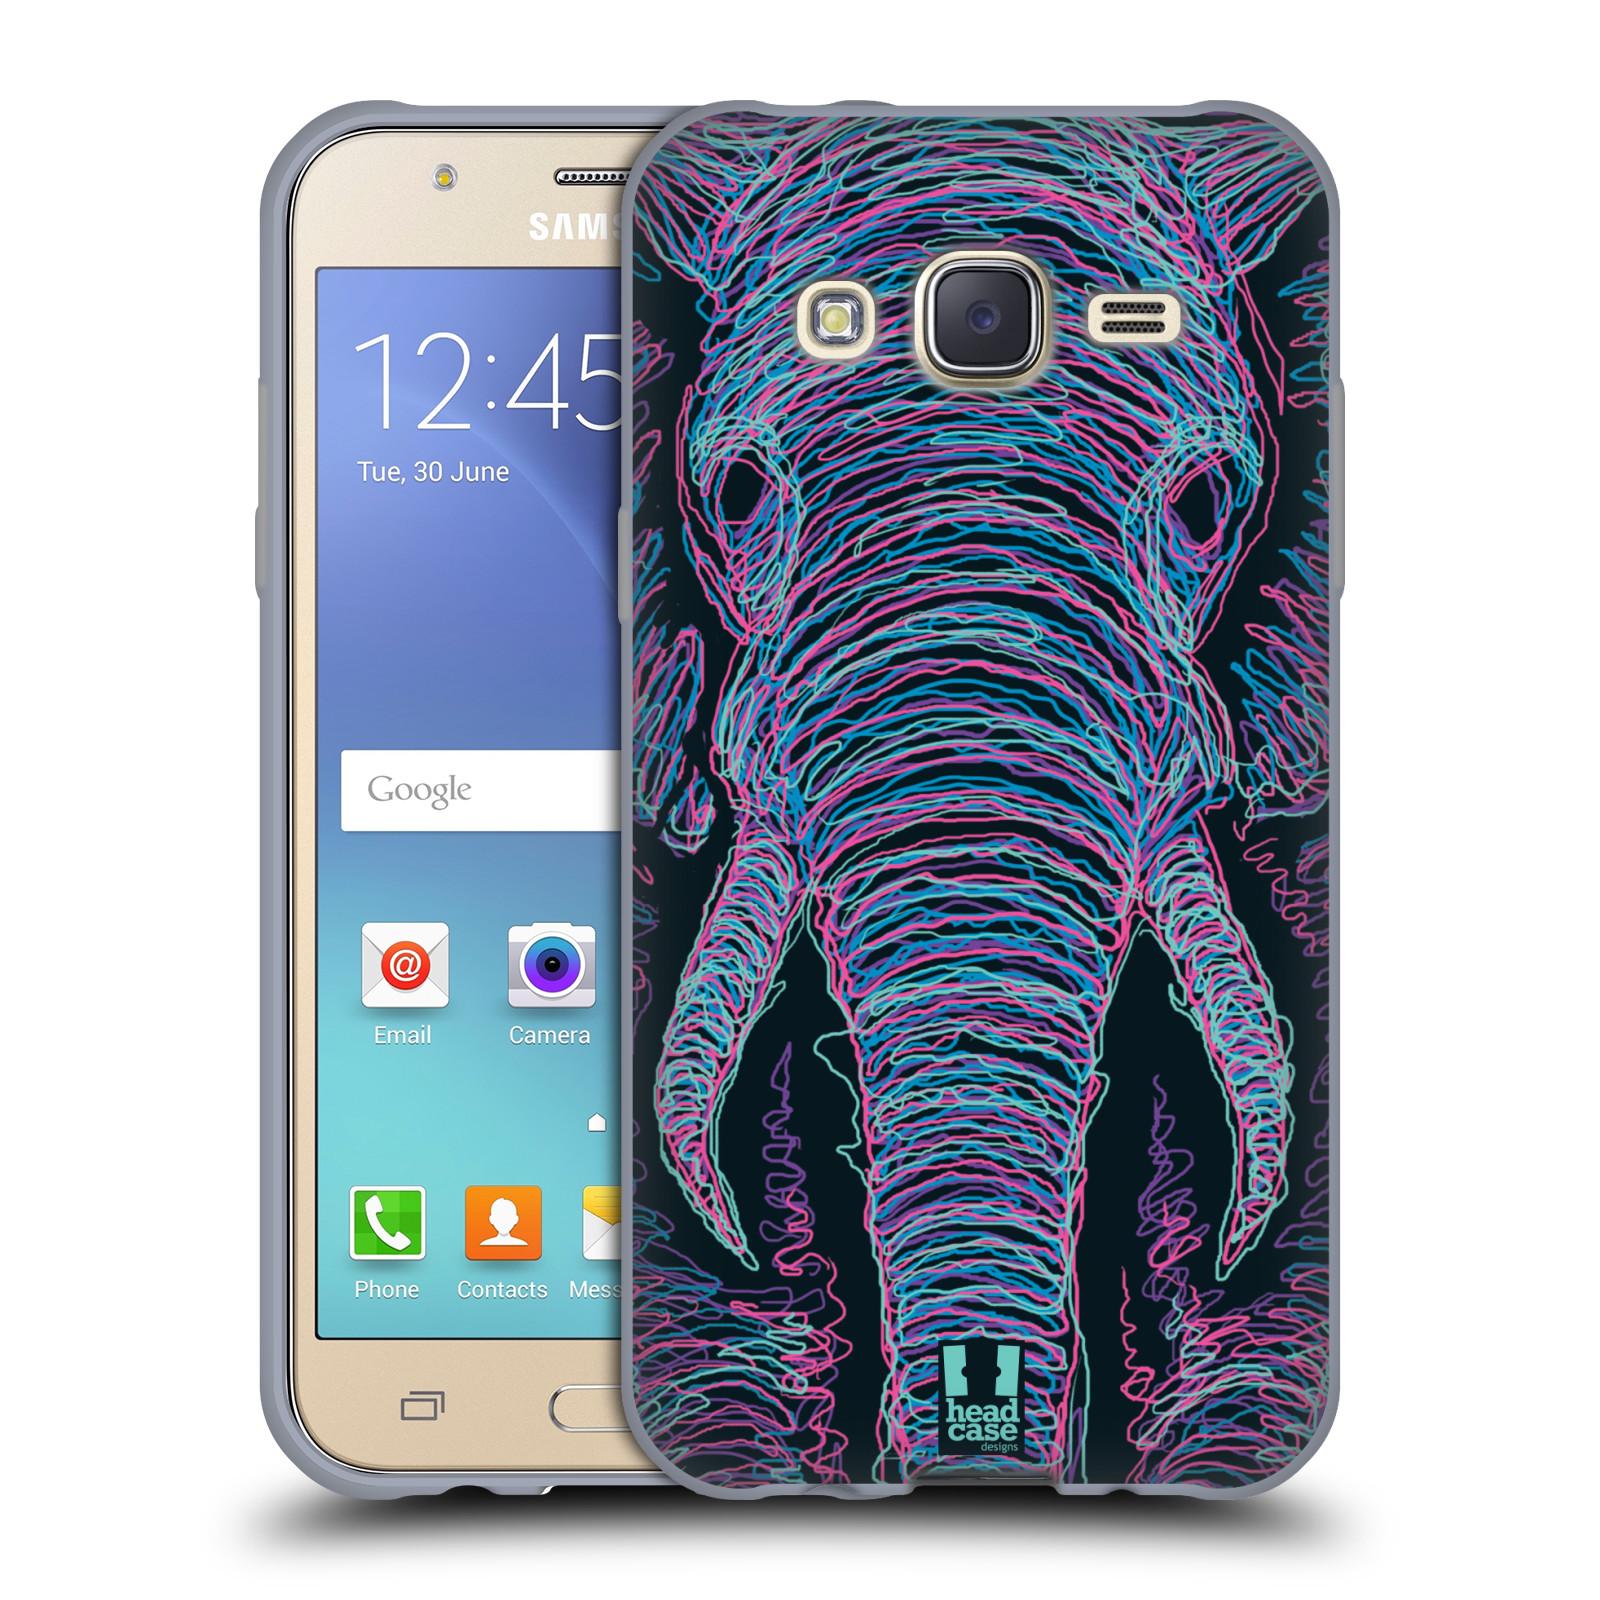 HEAD CASE silikonový obal na mobil Samsung Galaxy J5, J500, (J5 DUOS) vzor zvíře čmáranice slon